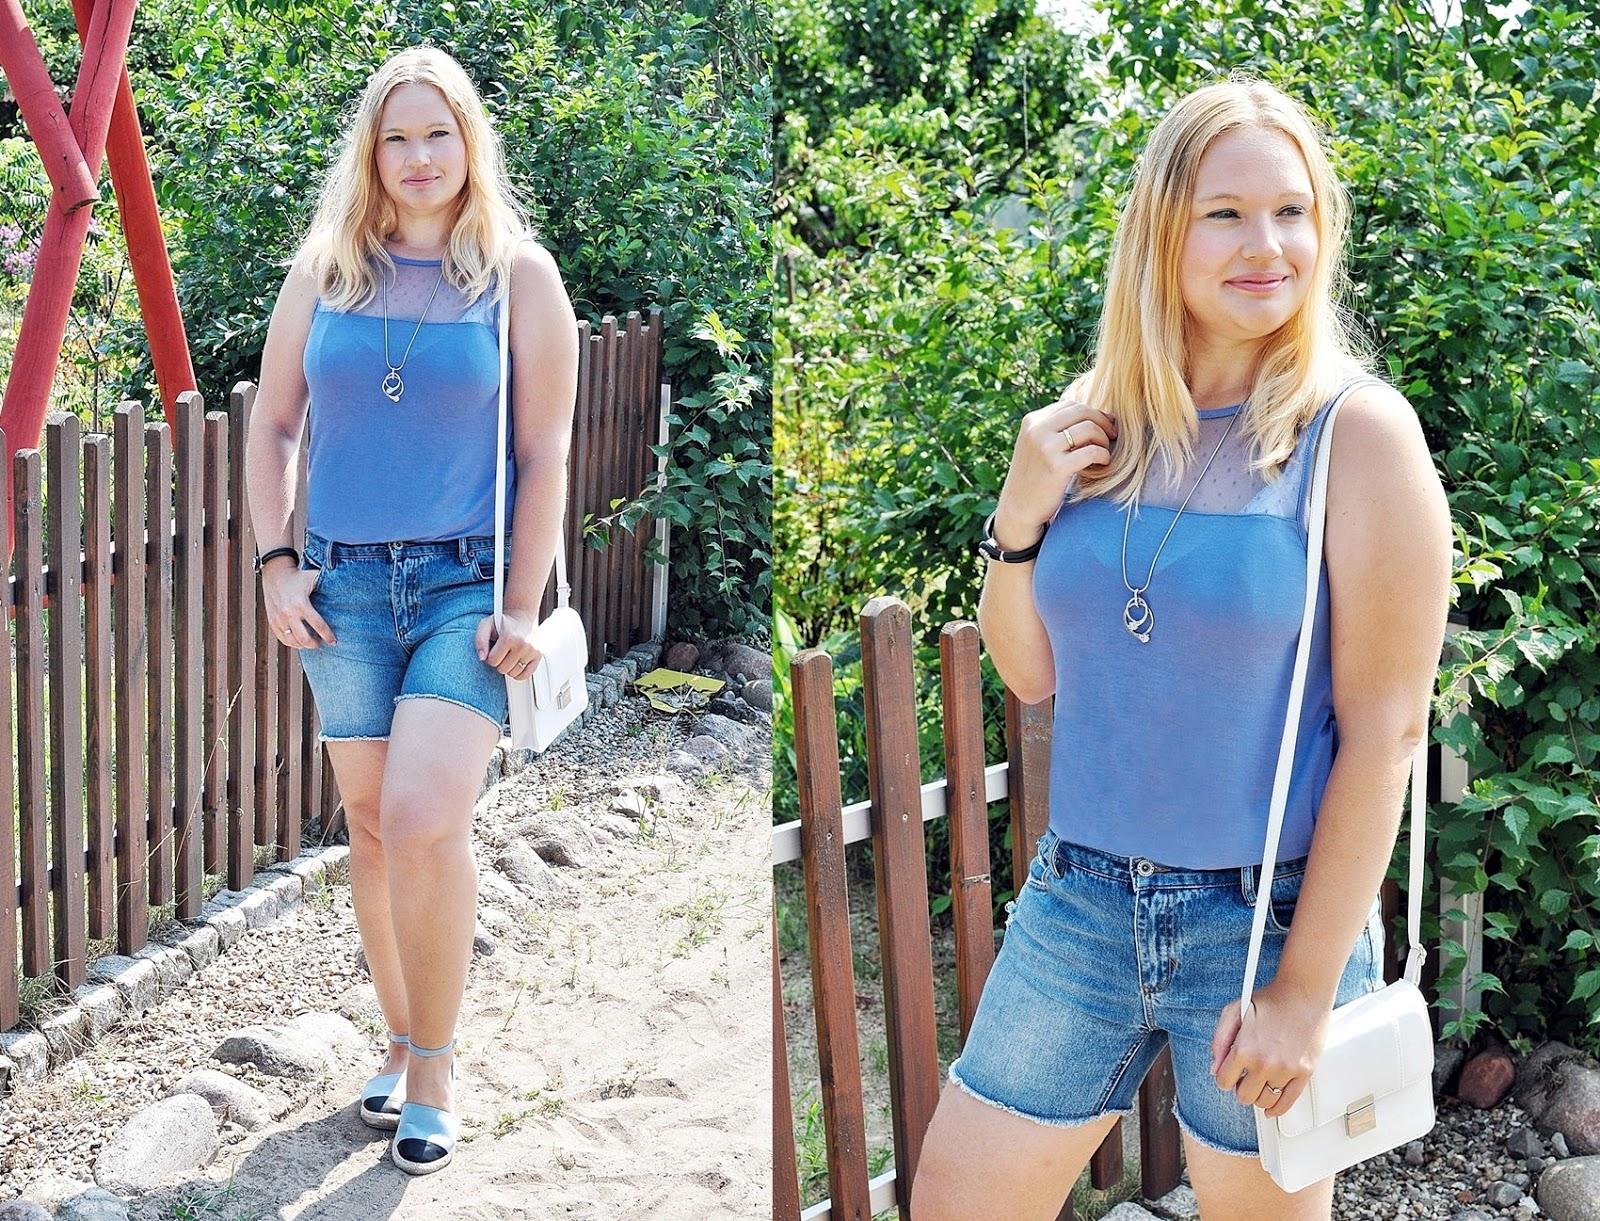 blogerka_blondynka